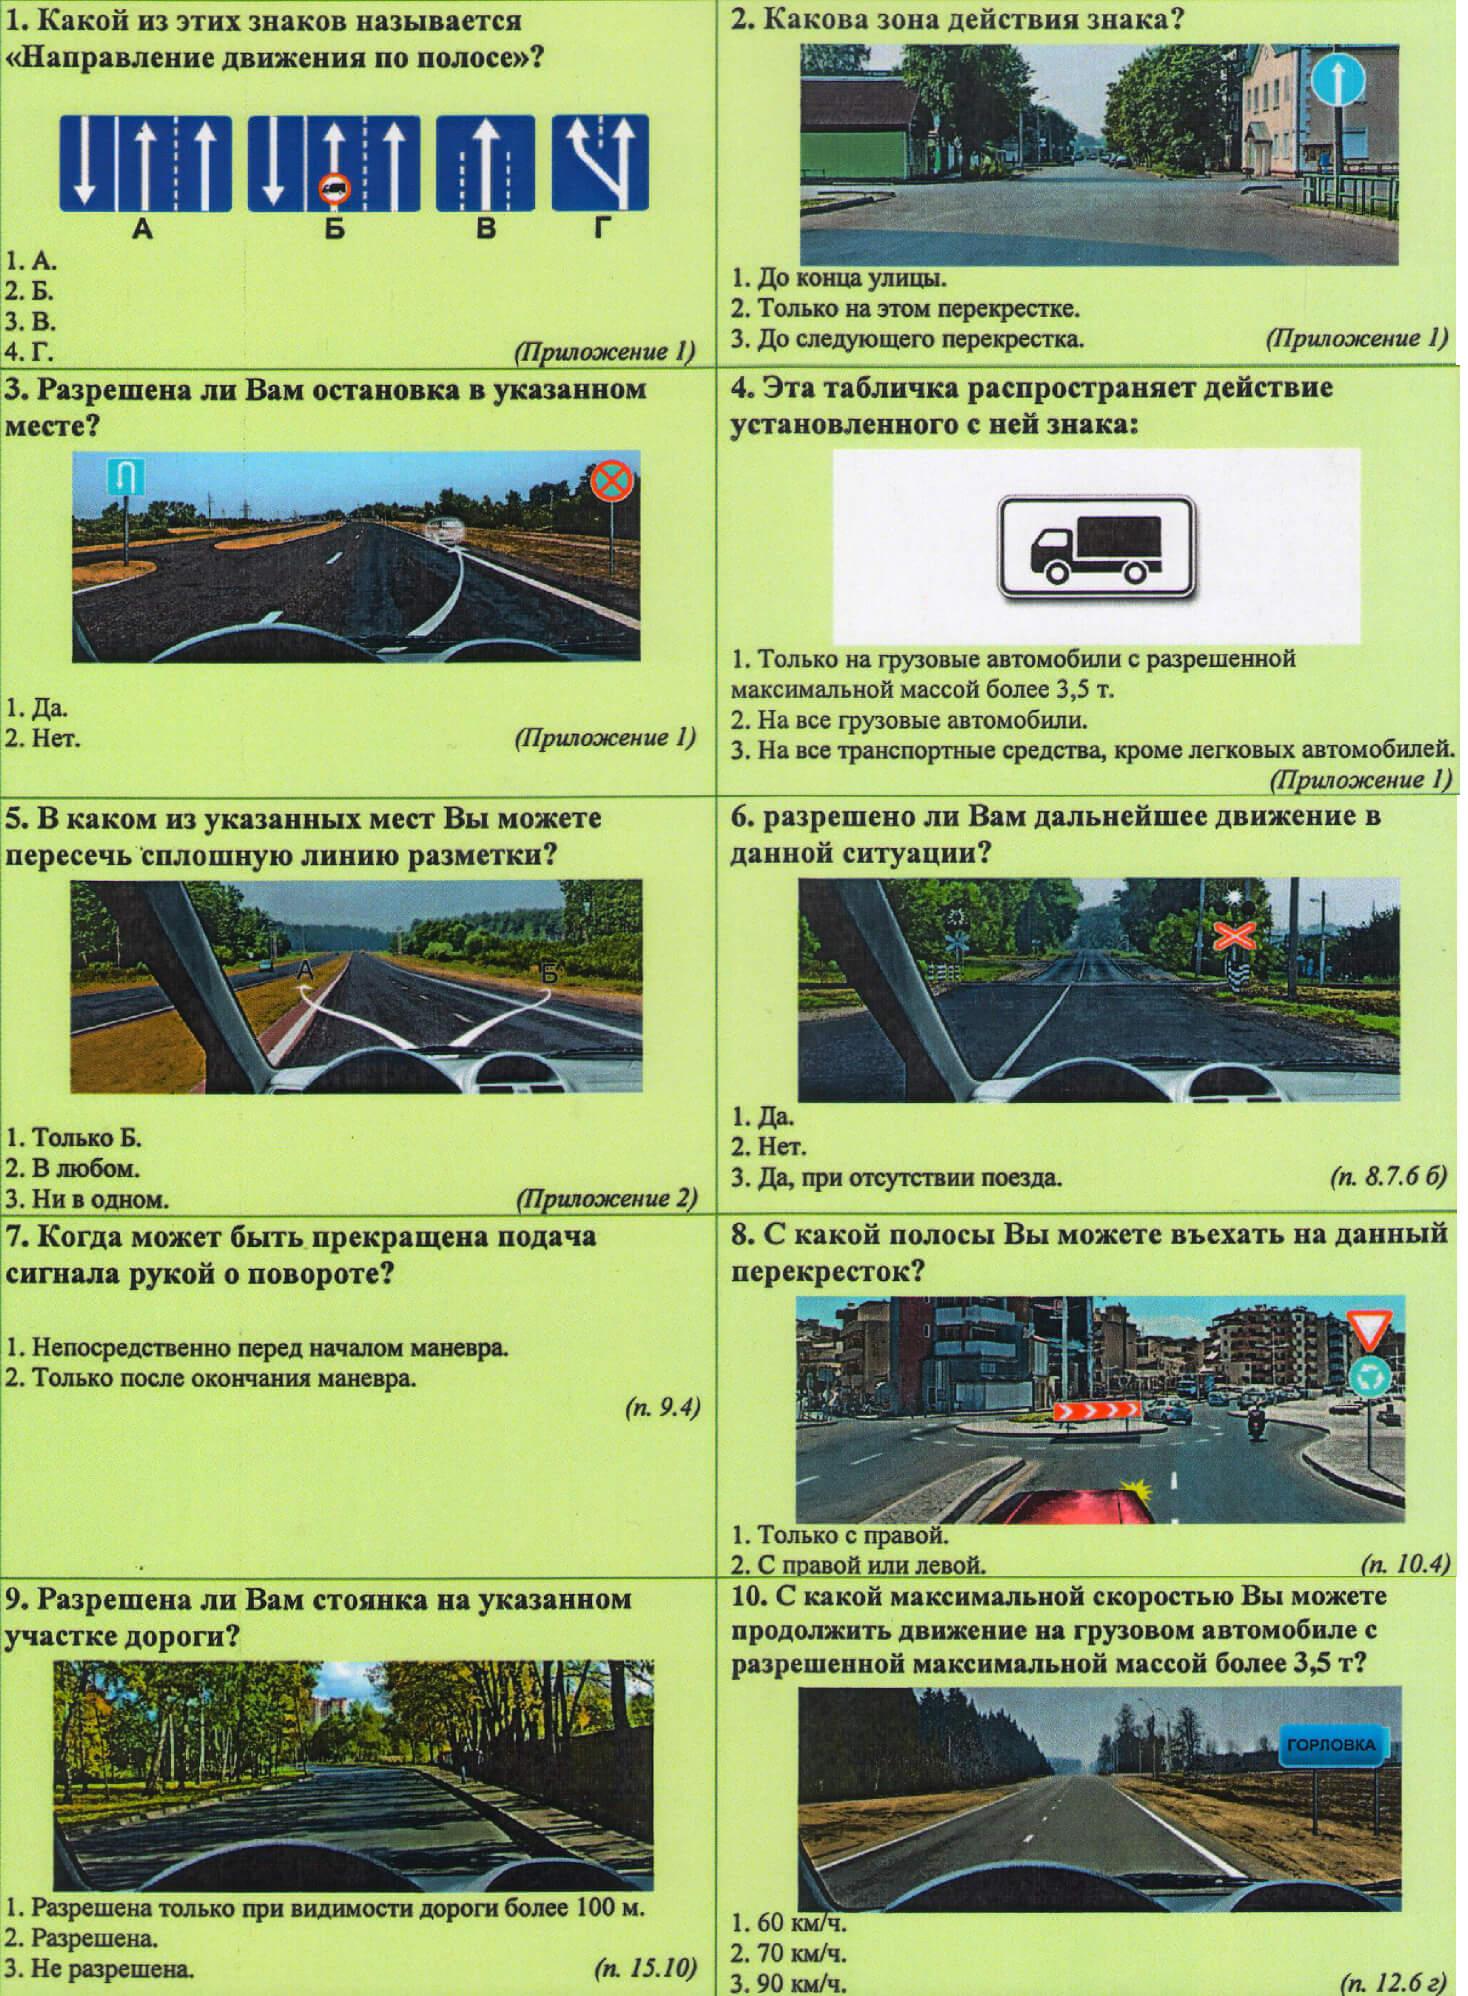 П15 правила дорожного движения